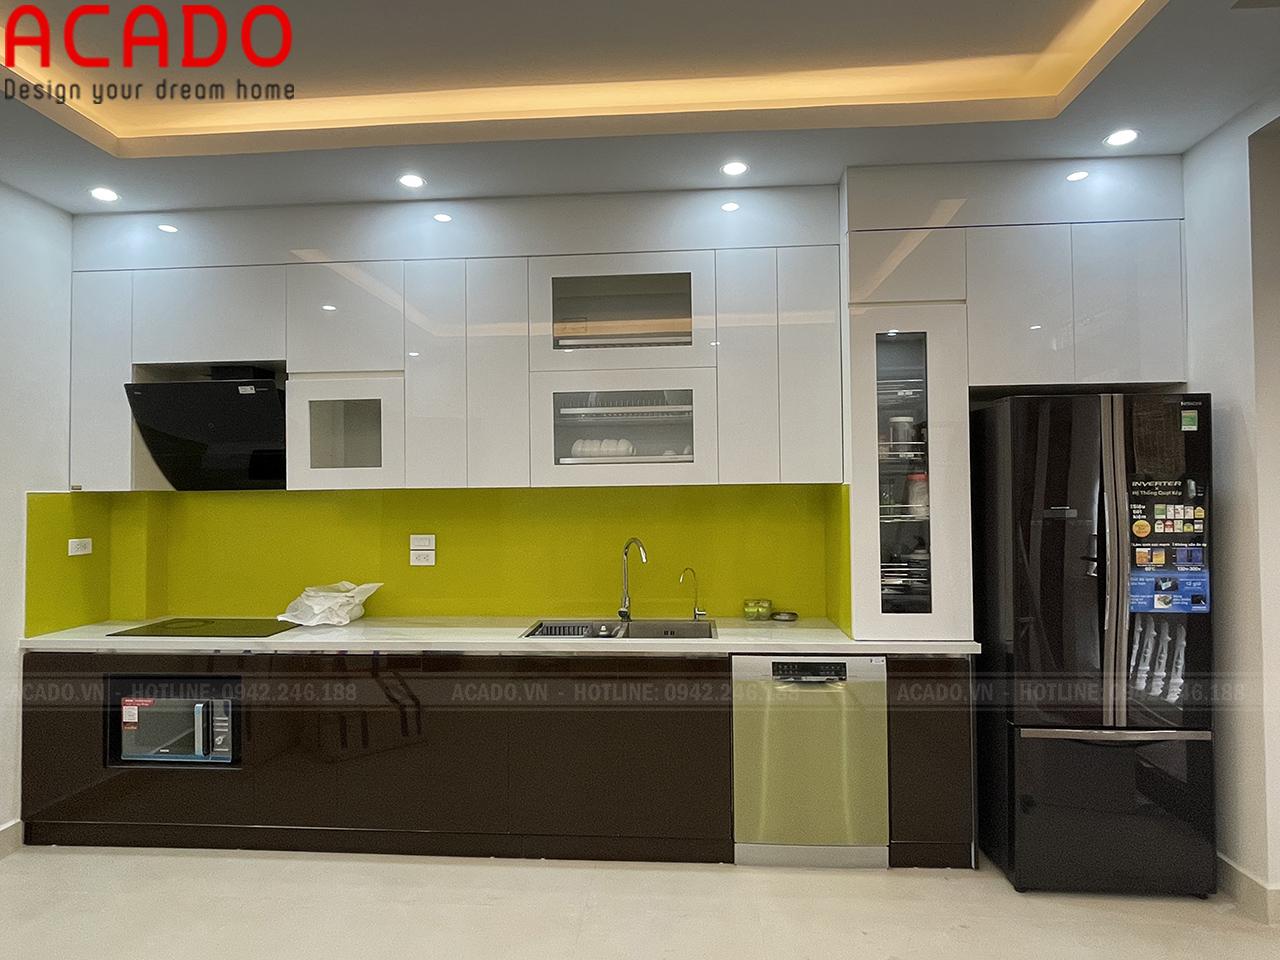 Hoàn thiện thi công tủ bếp cho gia đình chị Hiền tại Văn Quán - Nội thất ACADO